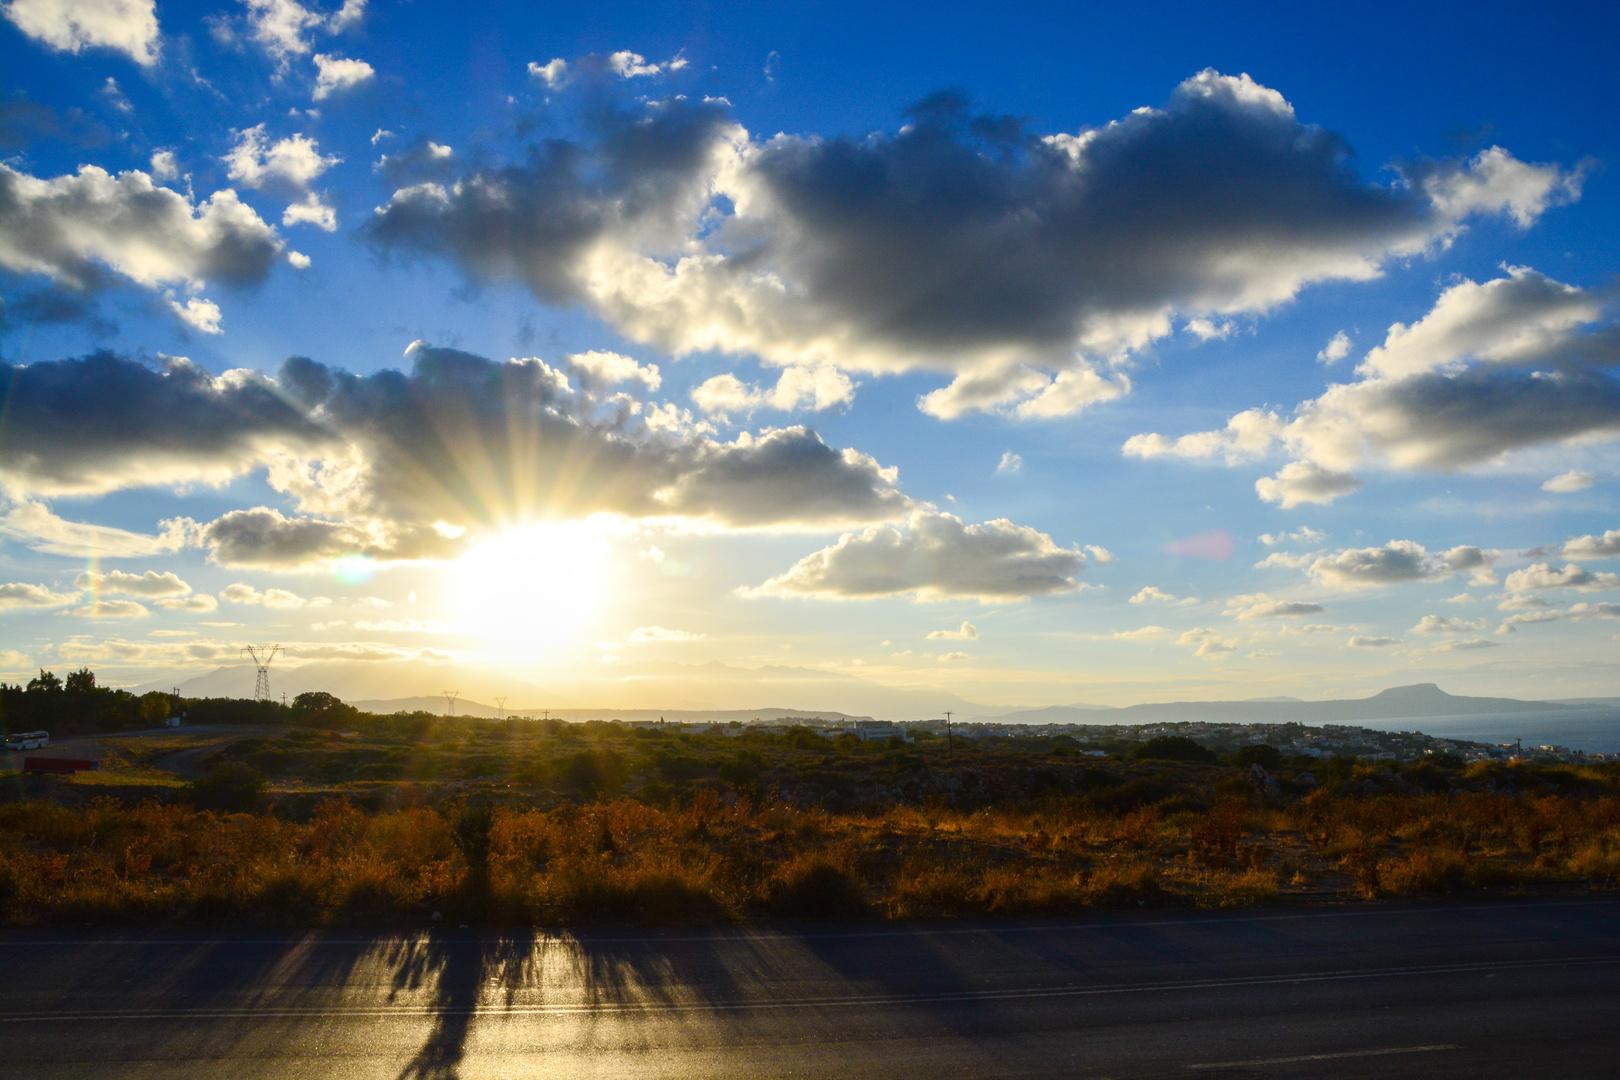 Sunset on the road (Kreta)